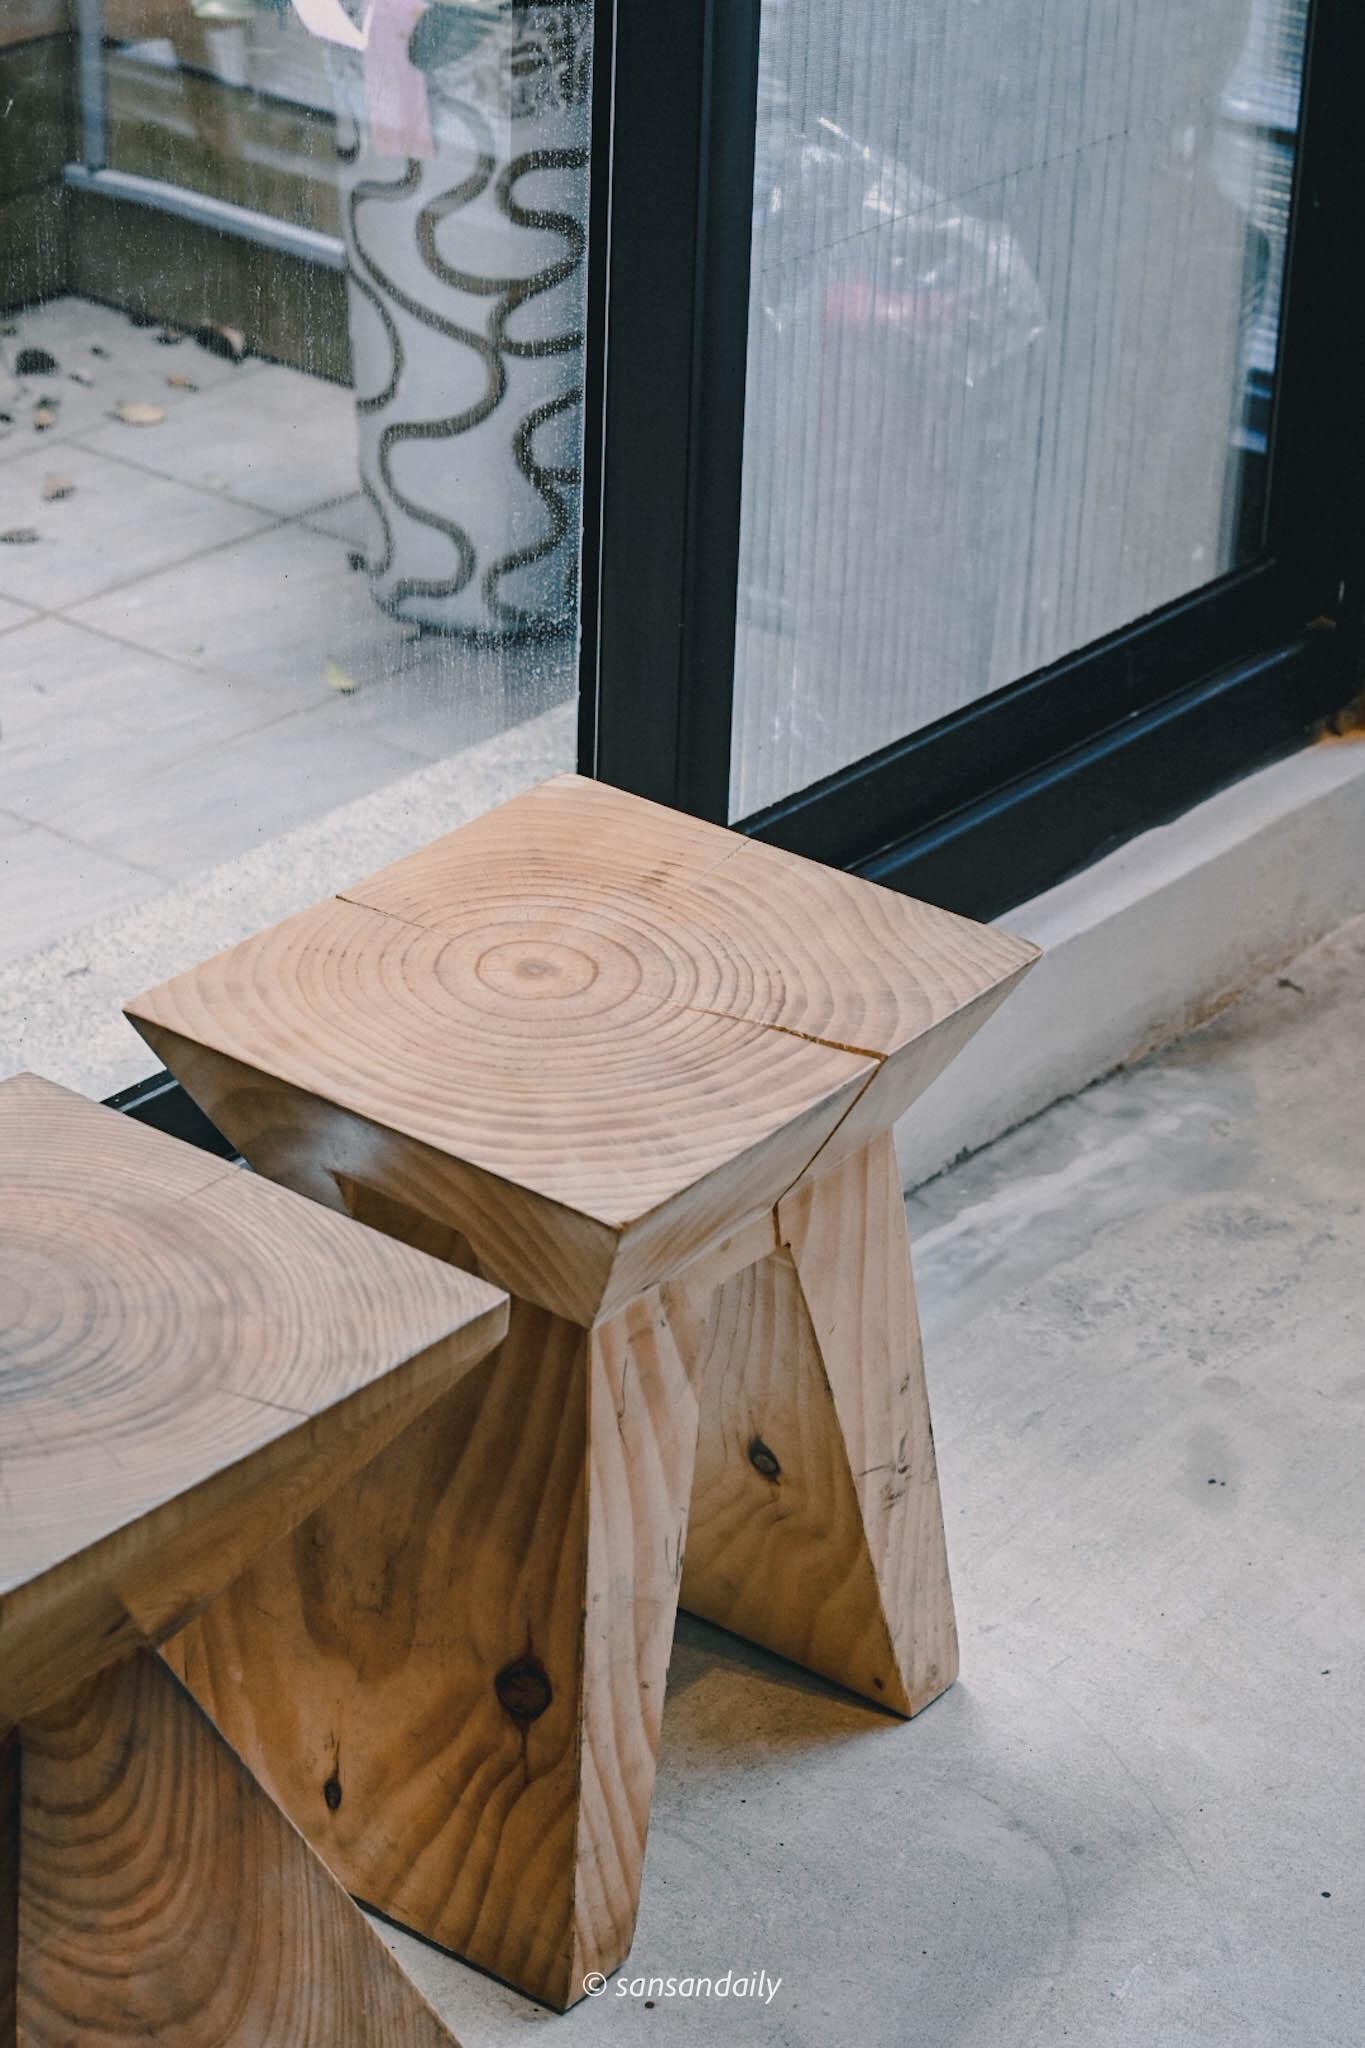 GUMGUM Beer & Wings雞翅酒吧內科店 實木造型椅特寫